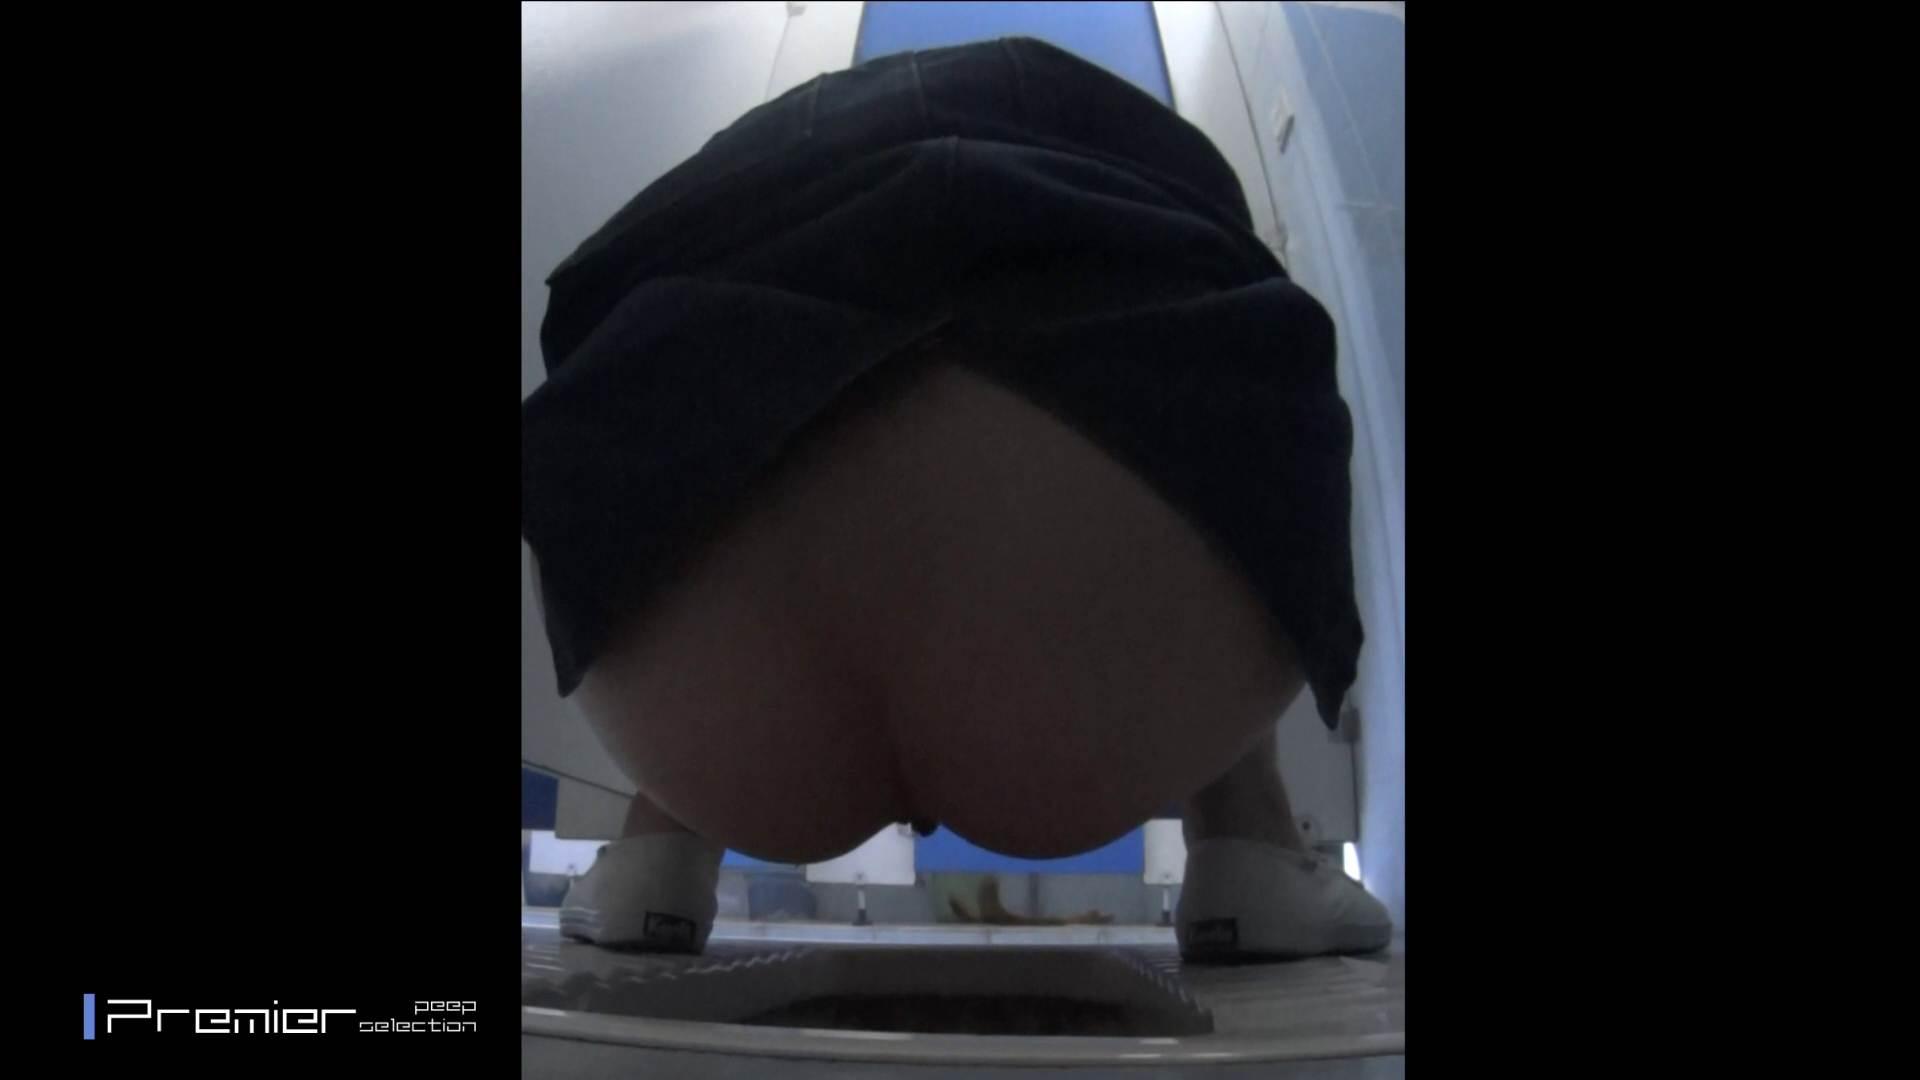 アダルトエロ動画|高画質ロング再生11分!大学休憩時間の洗面所事情73|怪盗ジョーカー